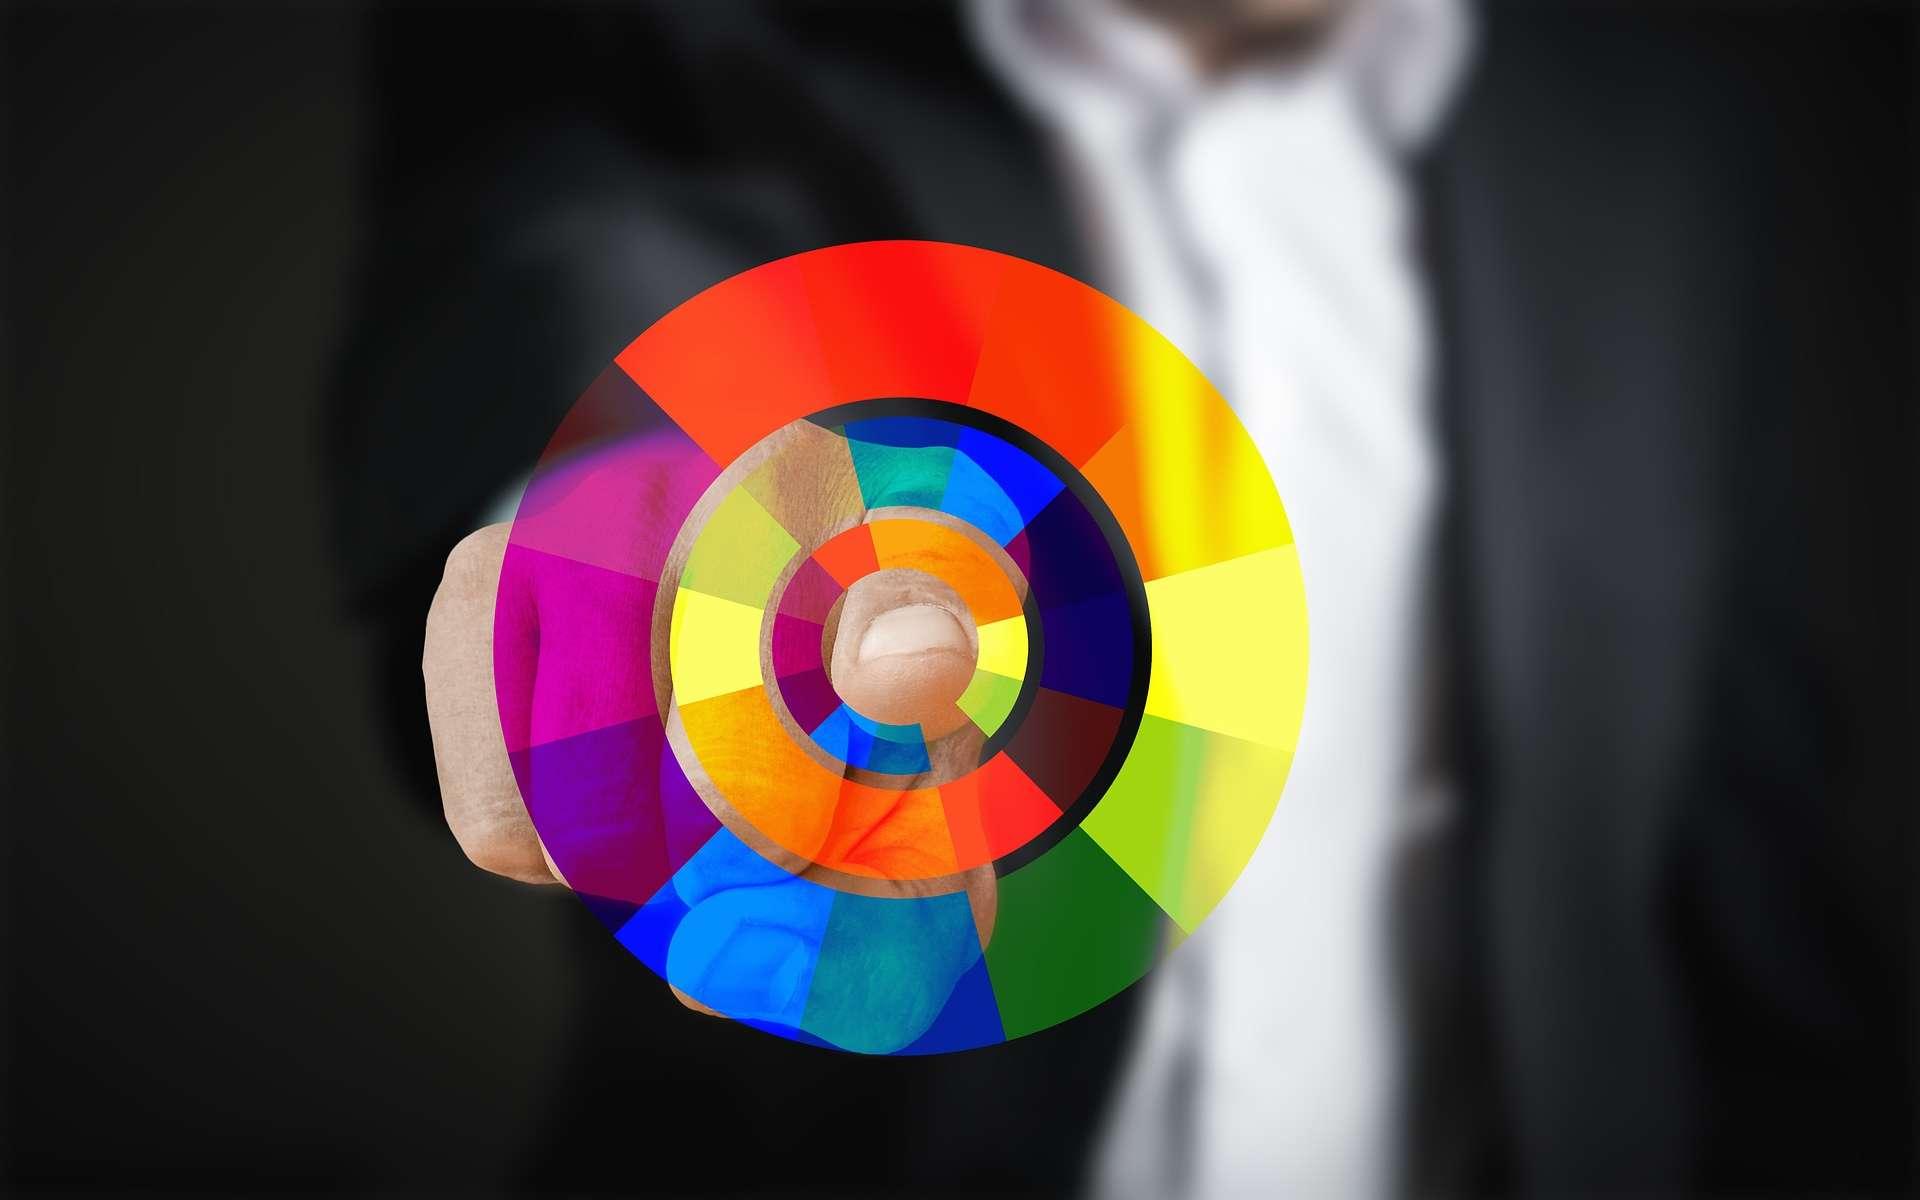 Les lunettes Apple pourraient permettre de transformer n'importe quelle surface plane en écran tactile. © Gerd Altmann, Pixabay